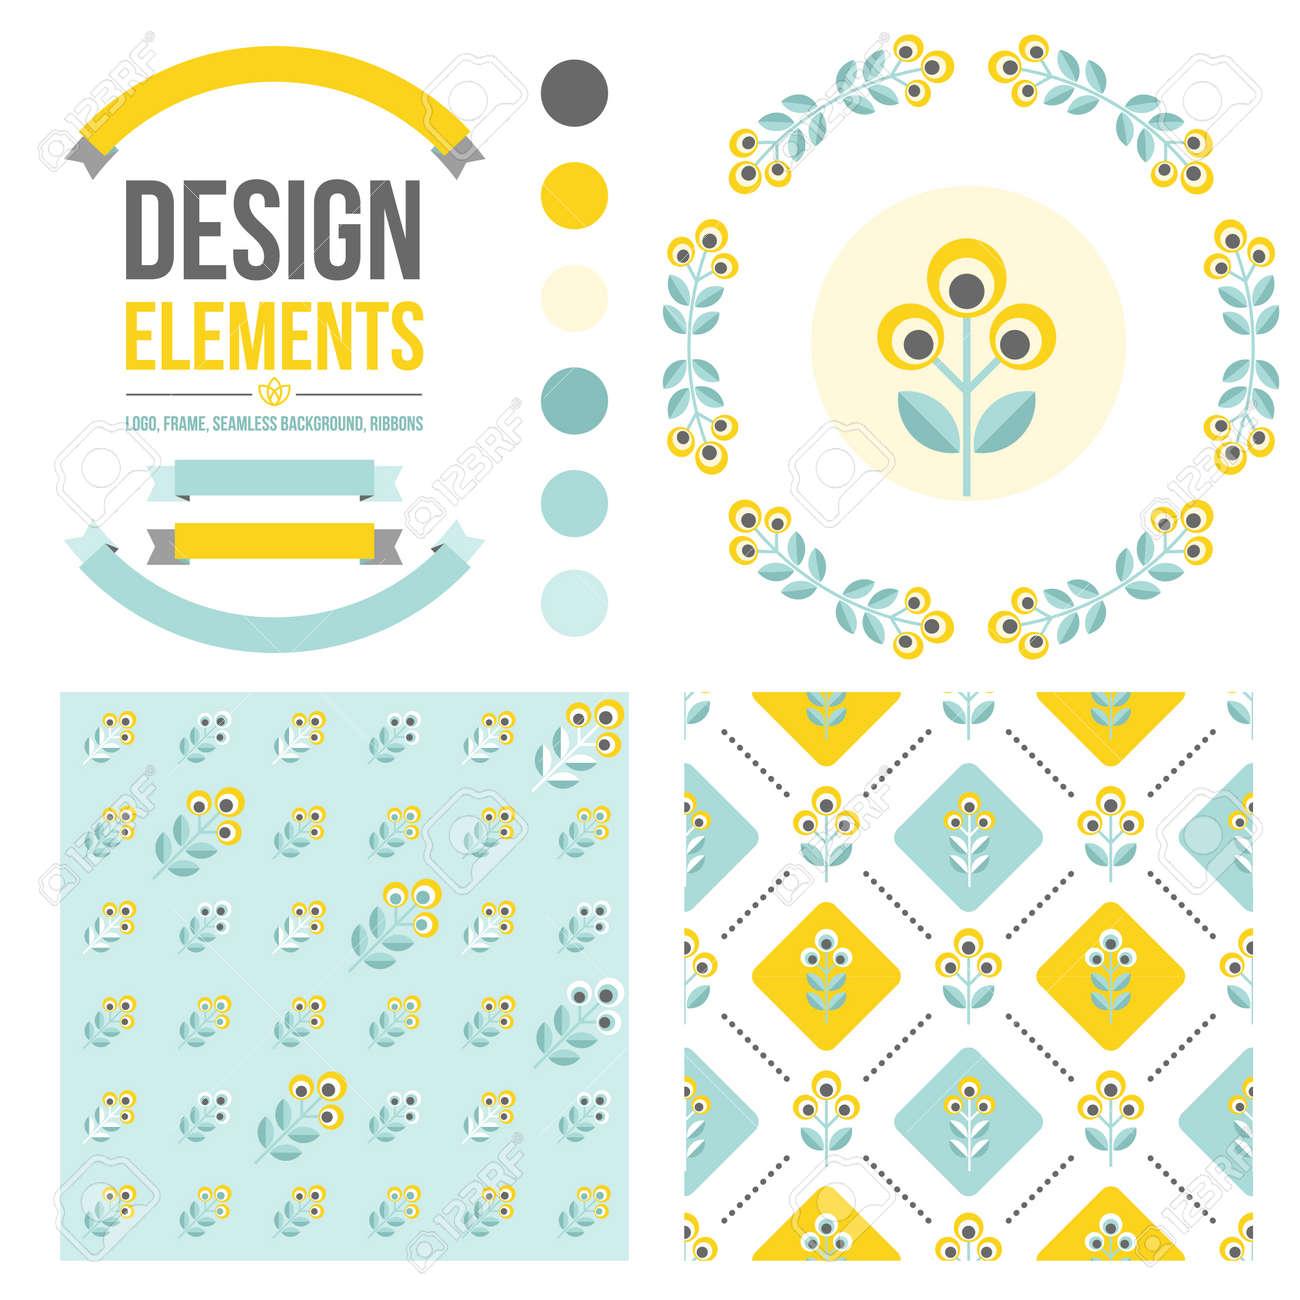 Conjunto De Elementos De Diseño - Marco Redondo Floral, Patrones De ...